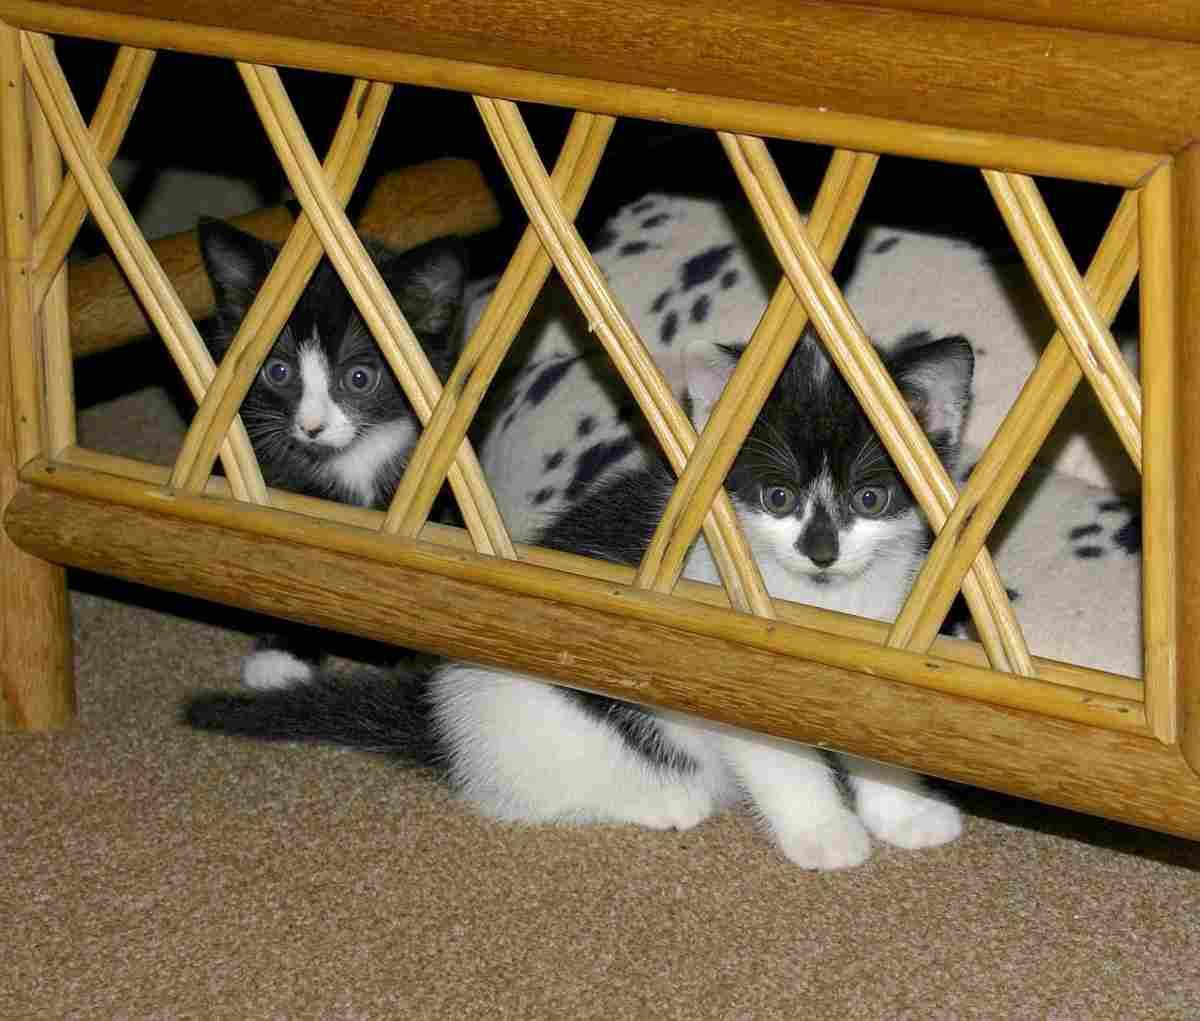 come aiutare un gatto timido (foto Pixabay)